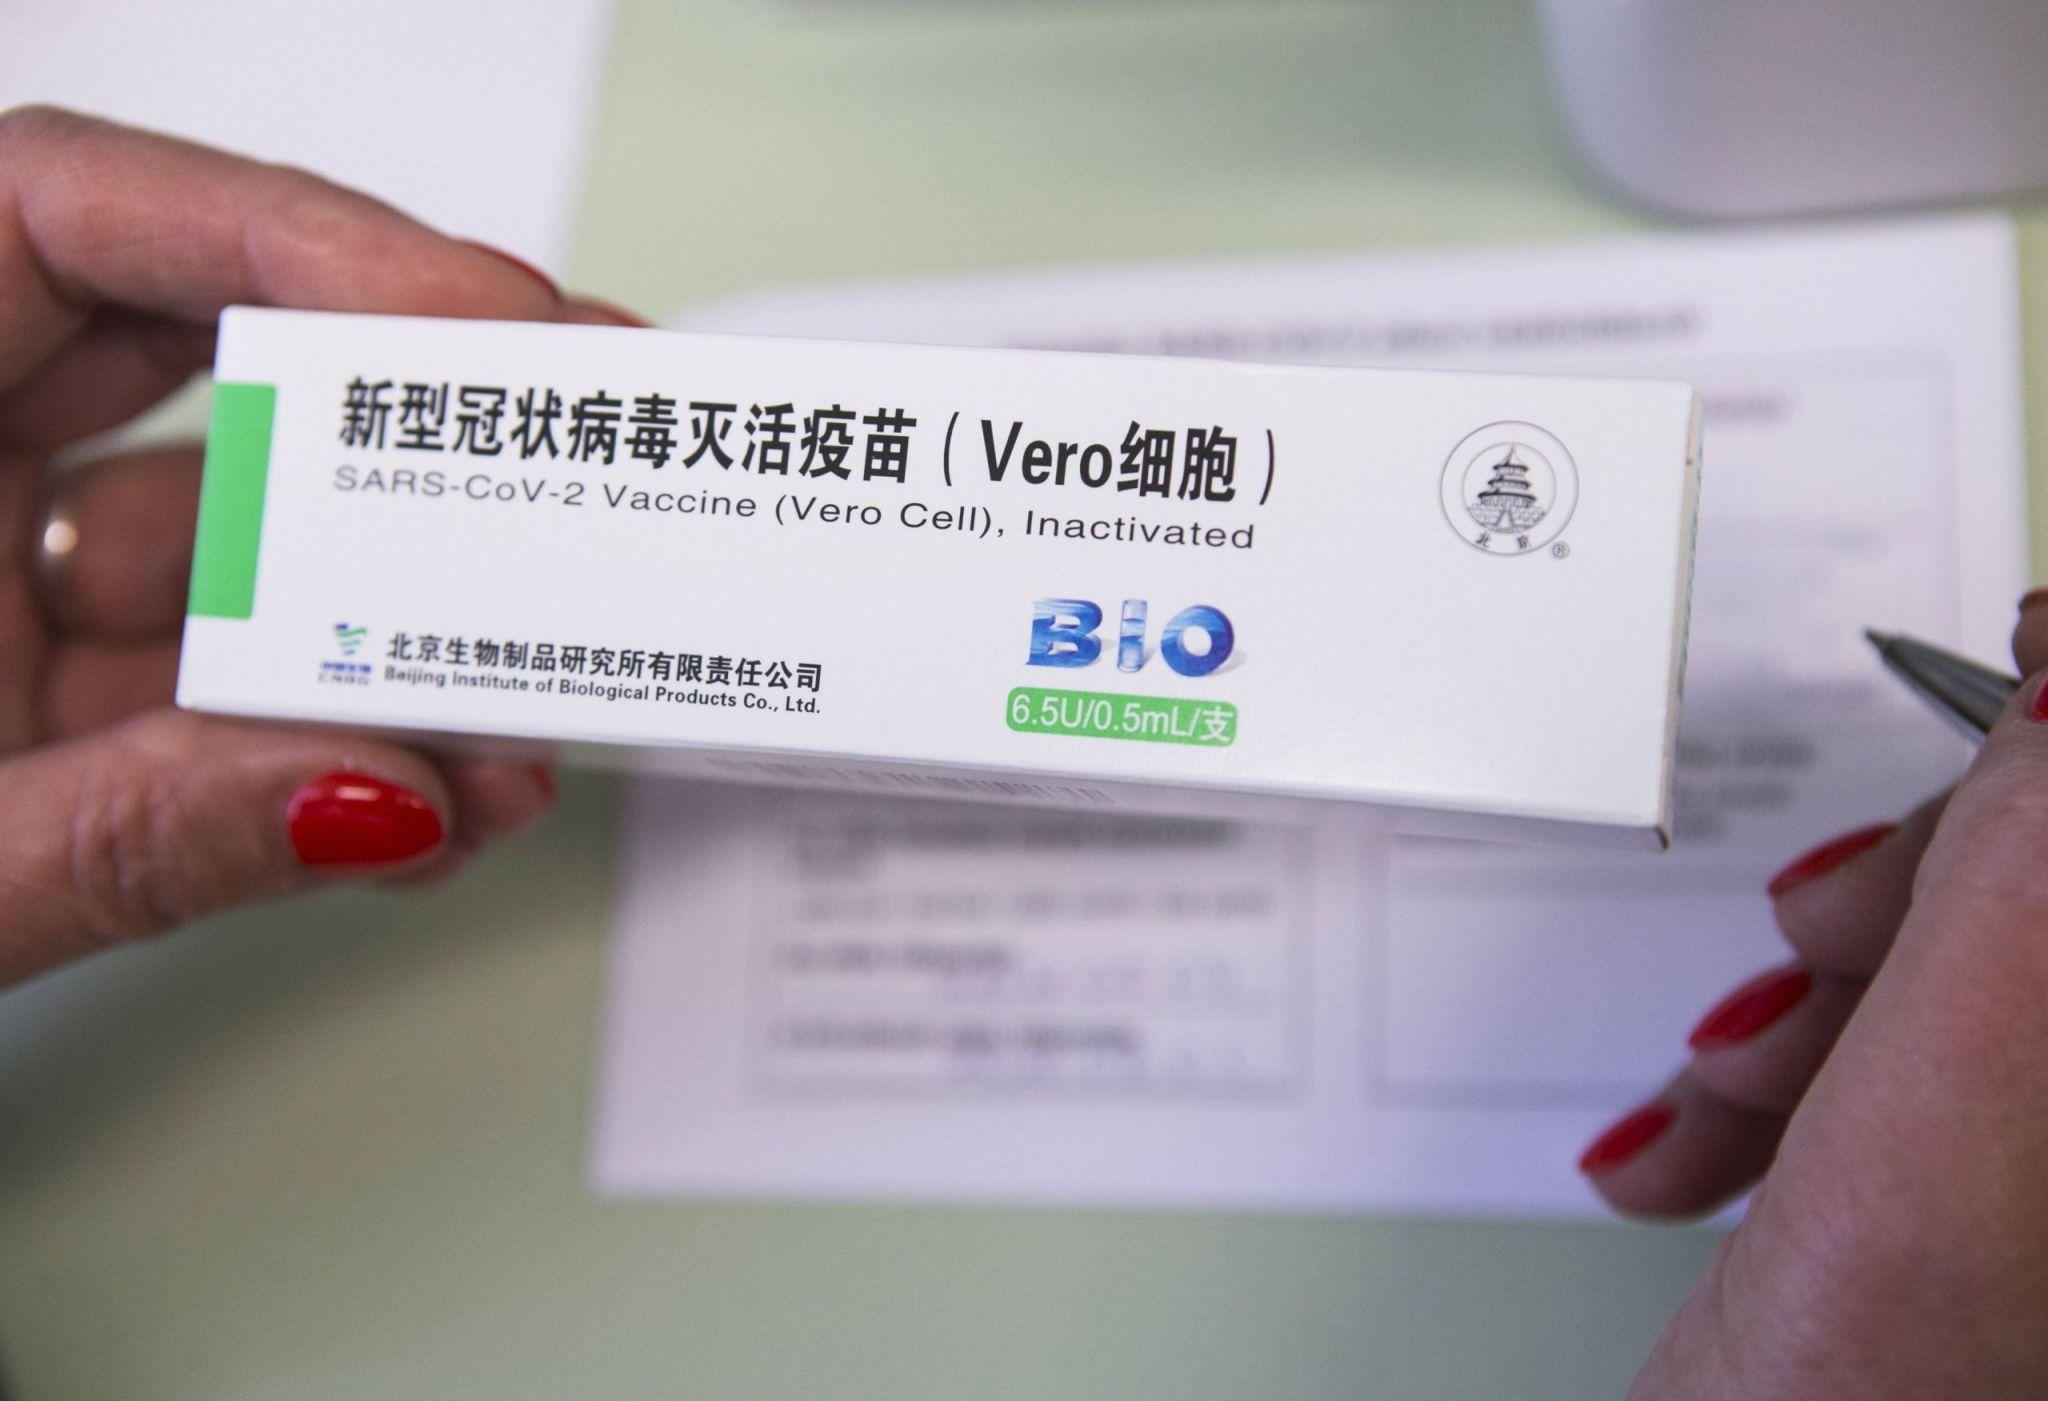 Engedélyezték a Sinopharm alkalmazását gyerekek számára is - vasarnap.hu